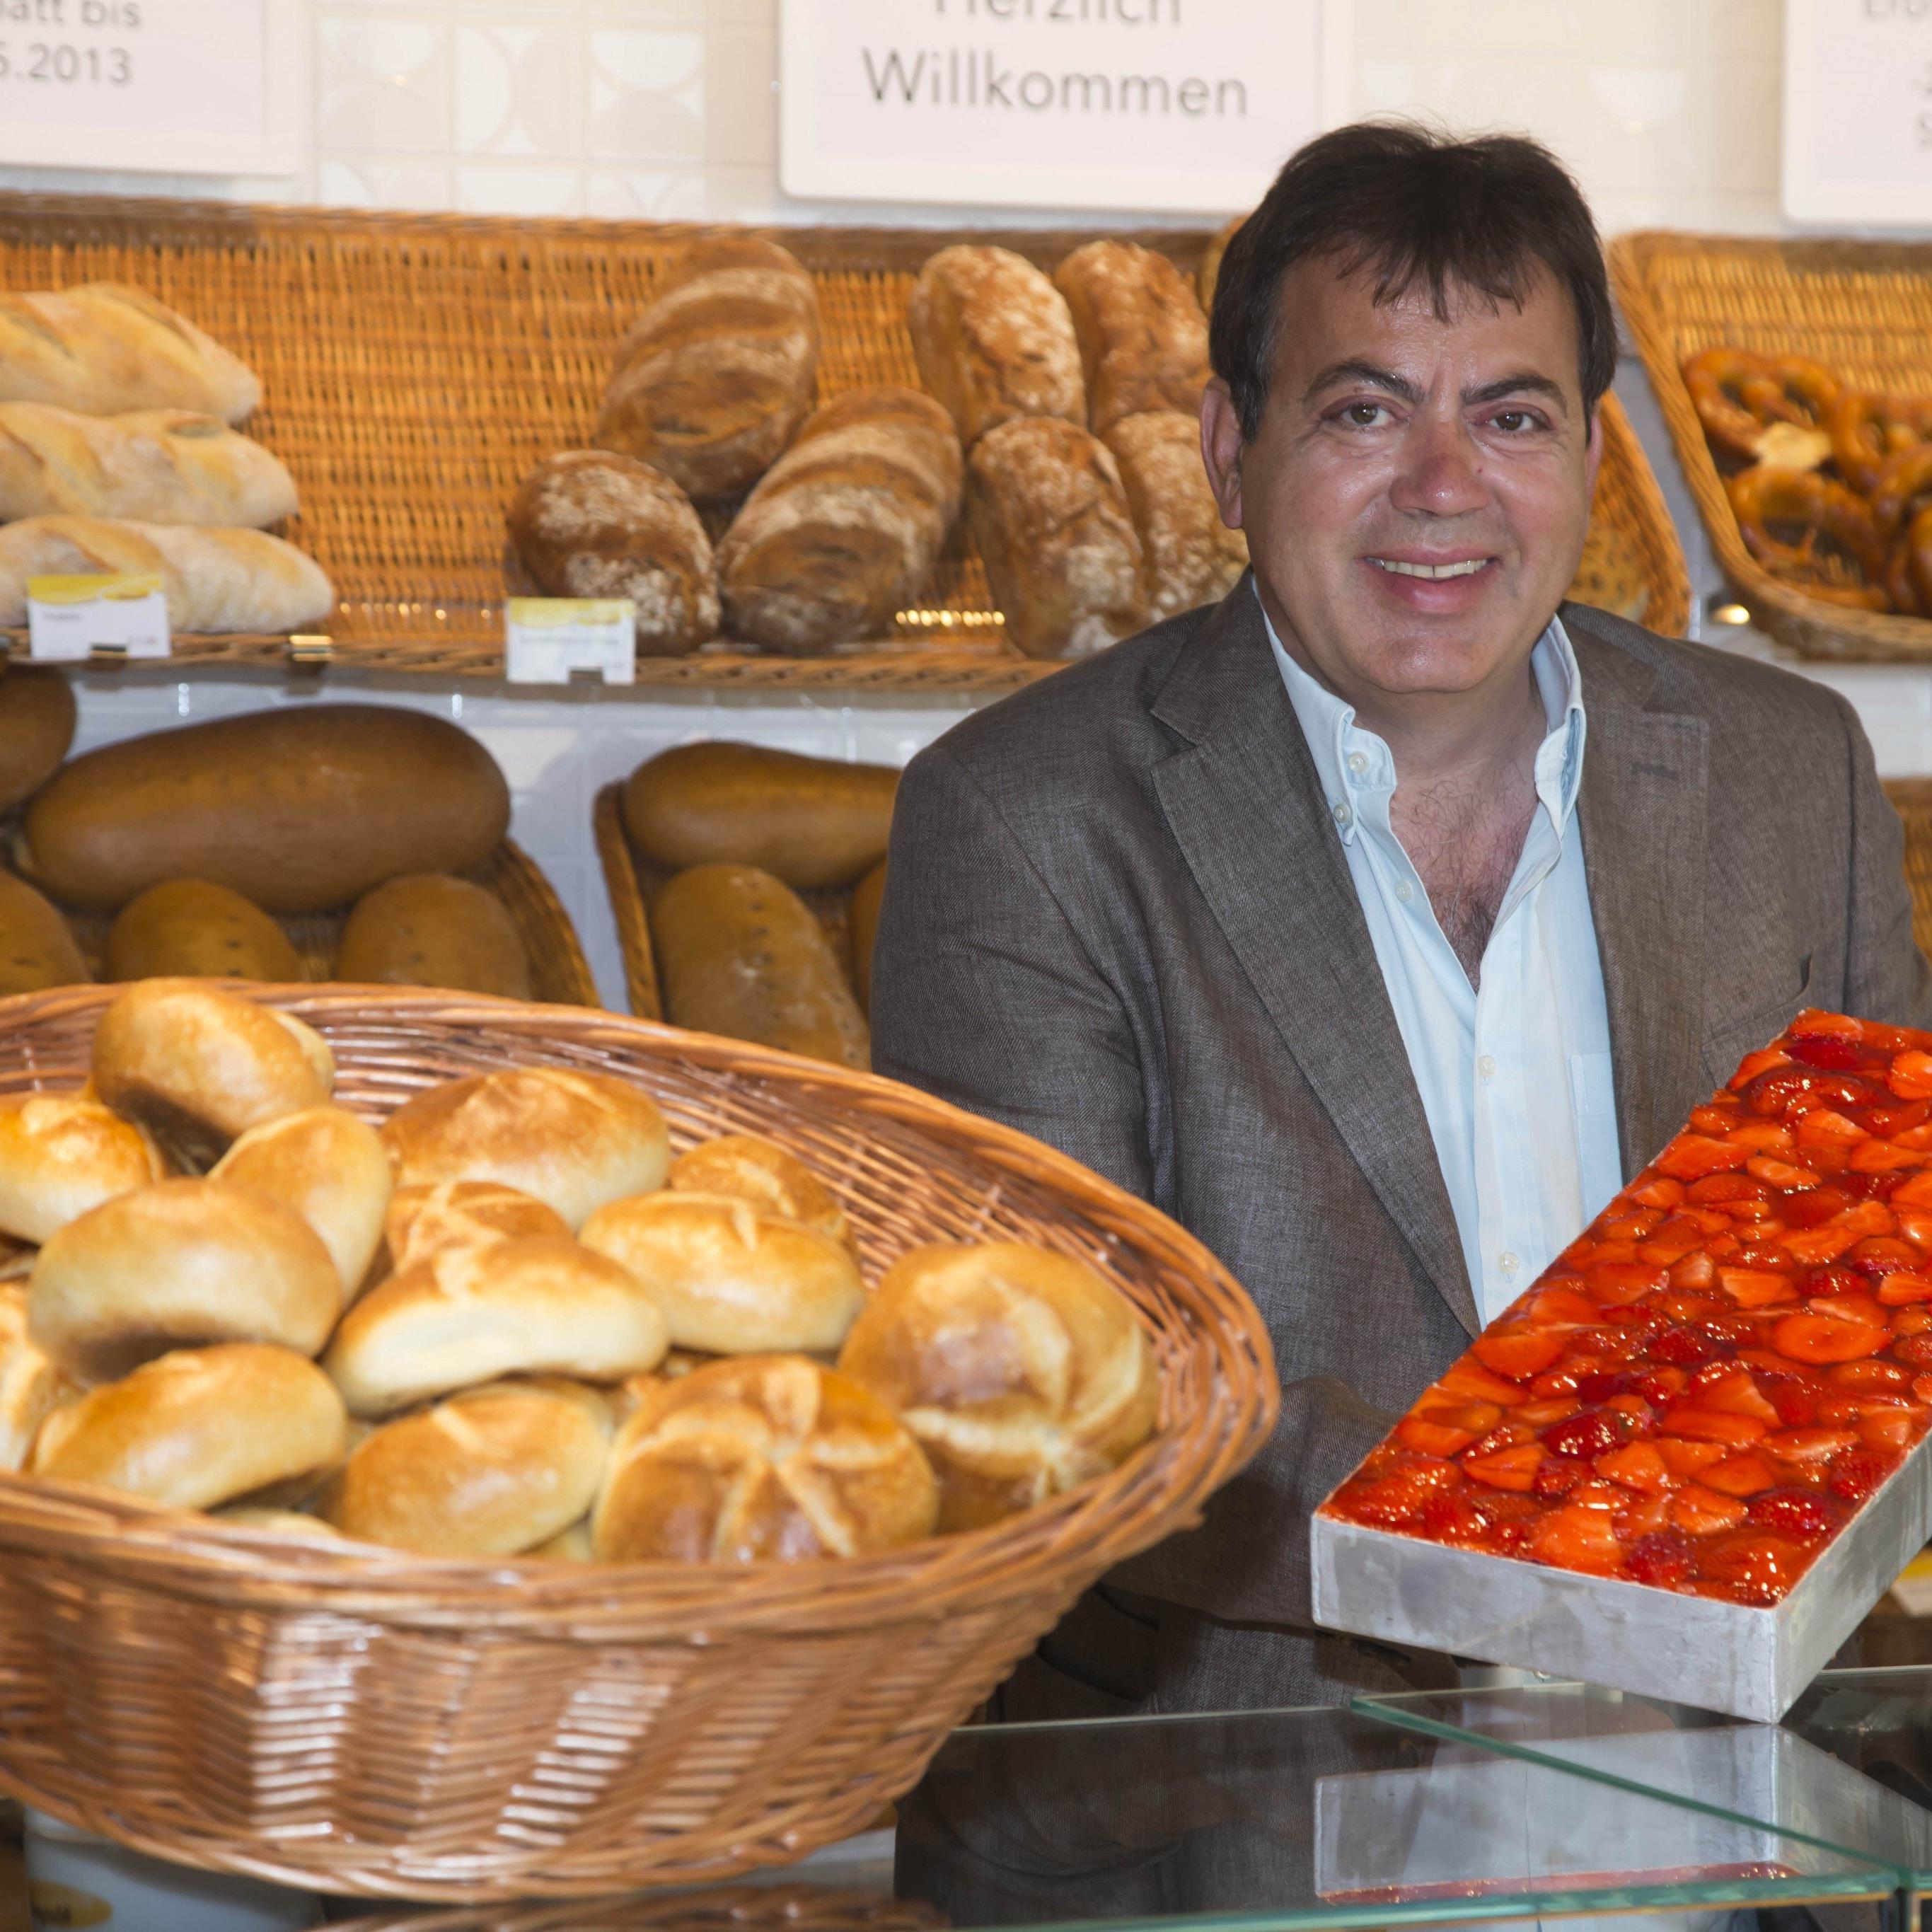 Der geschäftsführende Gesellschafter Egon Haag bestätigte den Bau eines neuen Firmensitzes der Bäckerei Mangold.